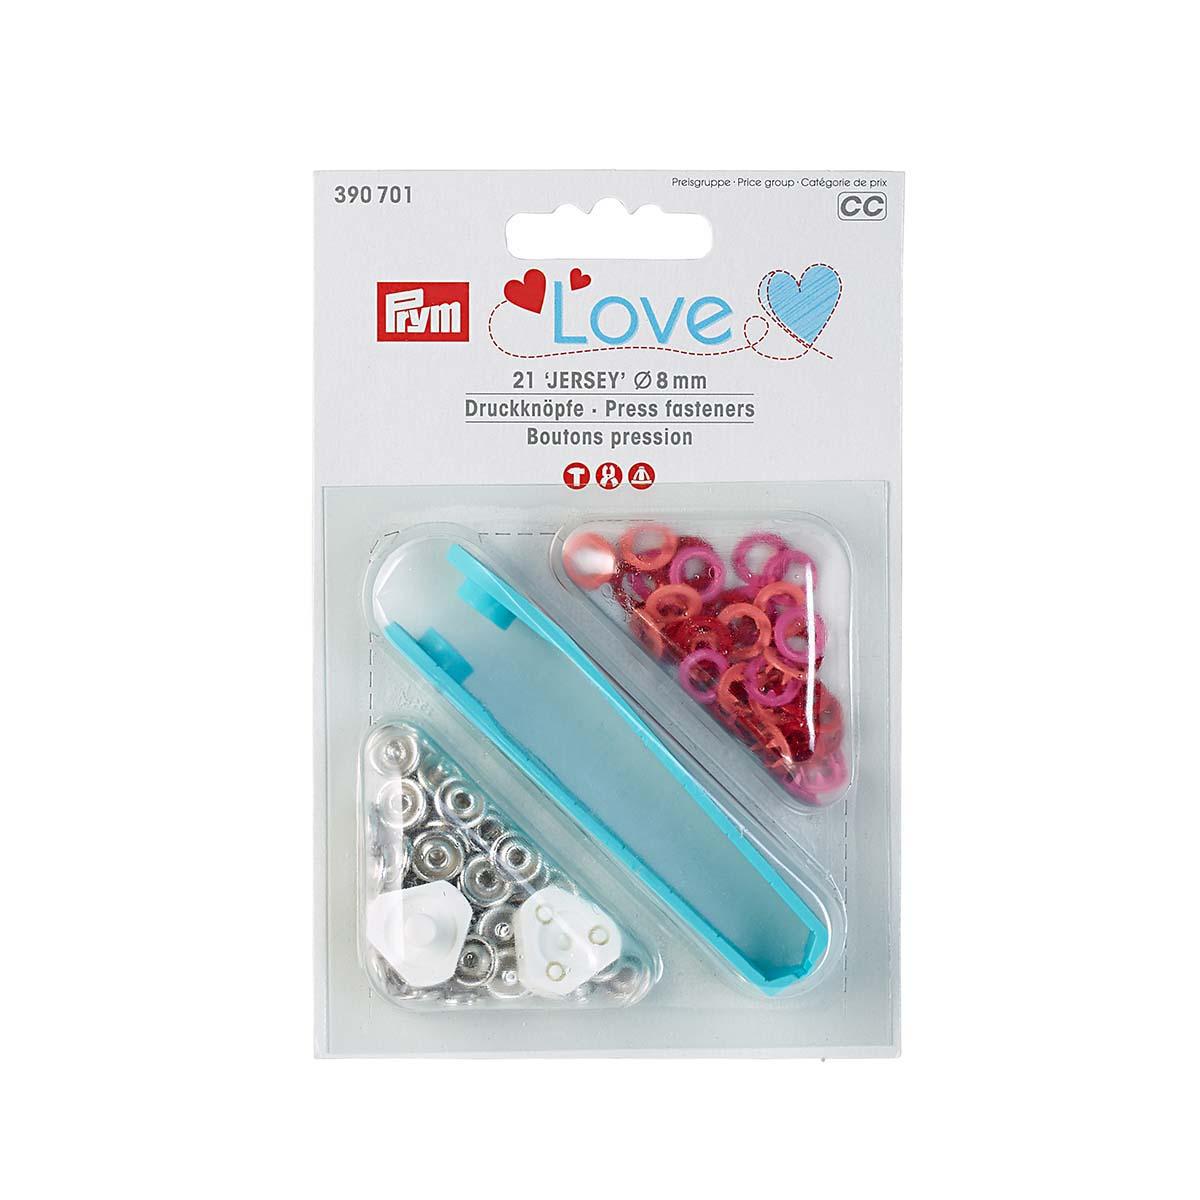 390701 Кнопки Джерси Prym Love красный цв, 8мм, 21шт/упак, Prym